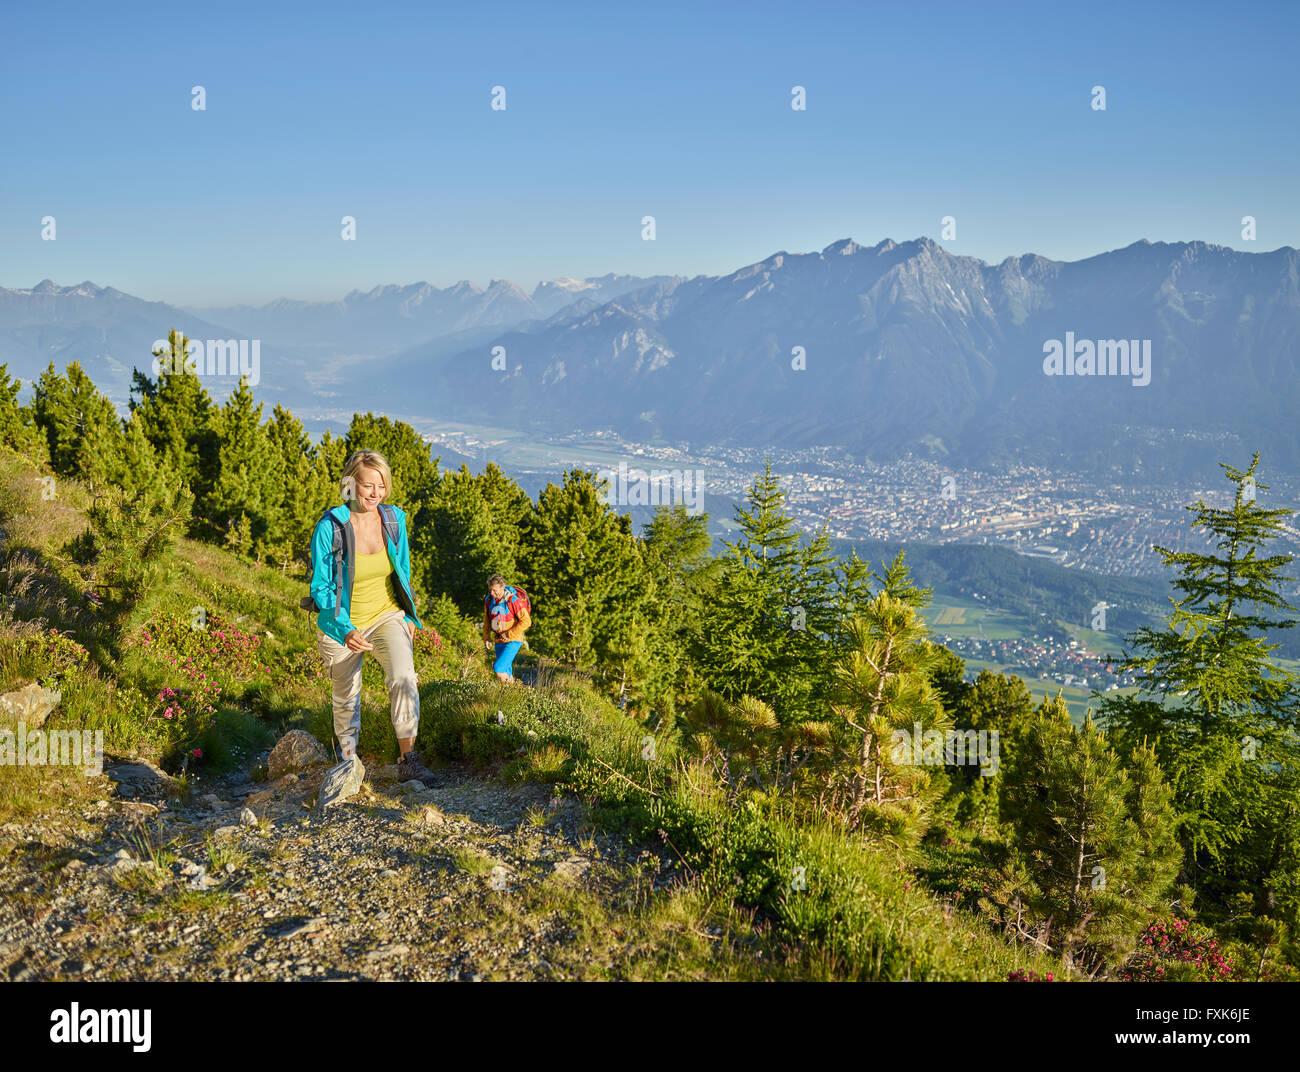 Woman 35-40 years and man 40-45 years hiking, Zirbenweg, Patscherkofel, Innsbruck, Tyrol, Austria Stock Photo